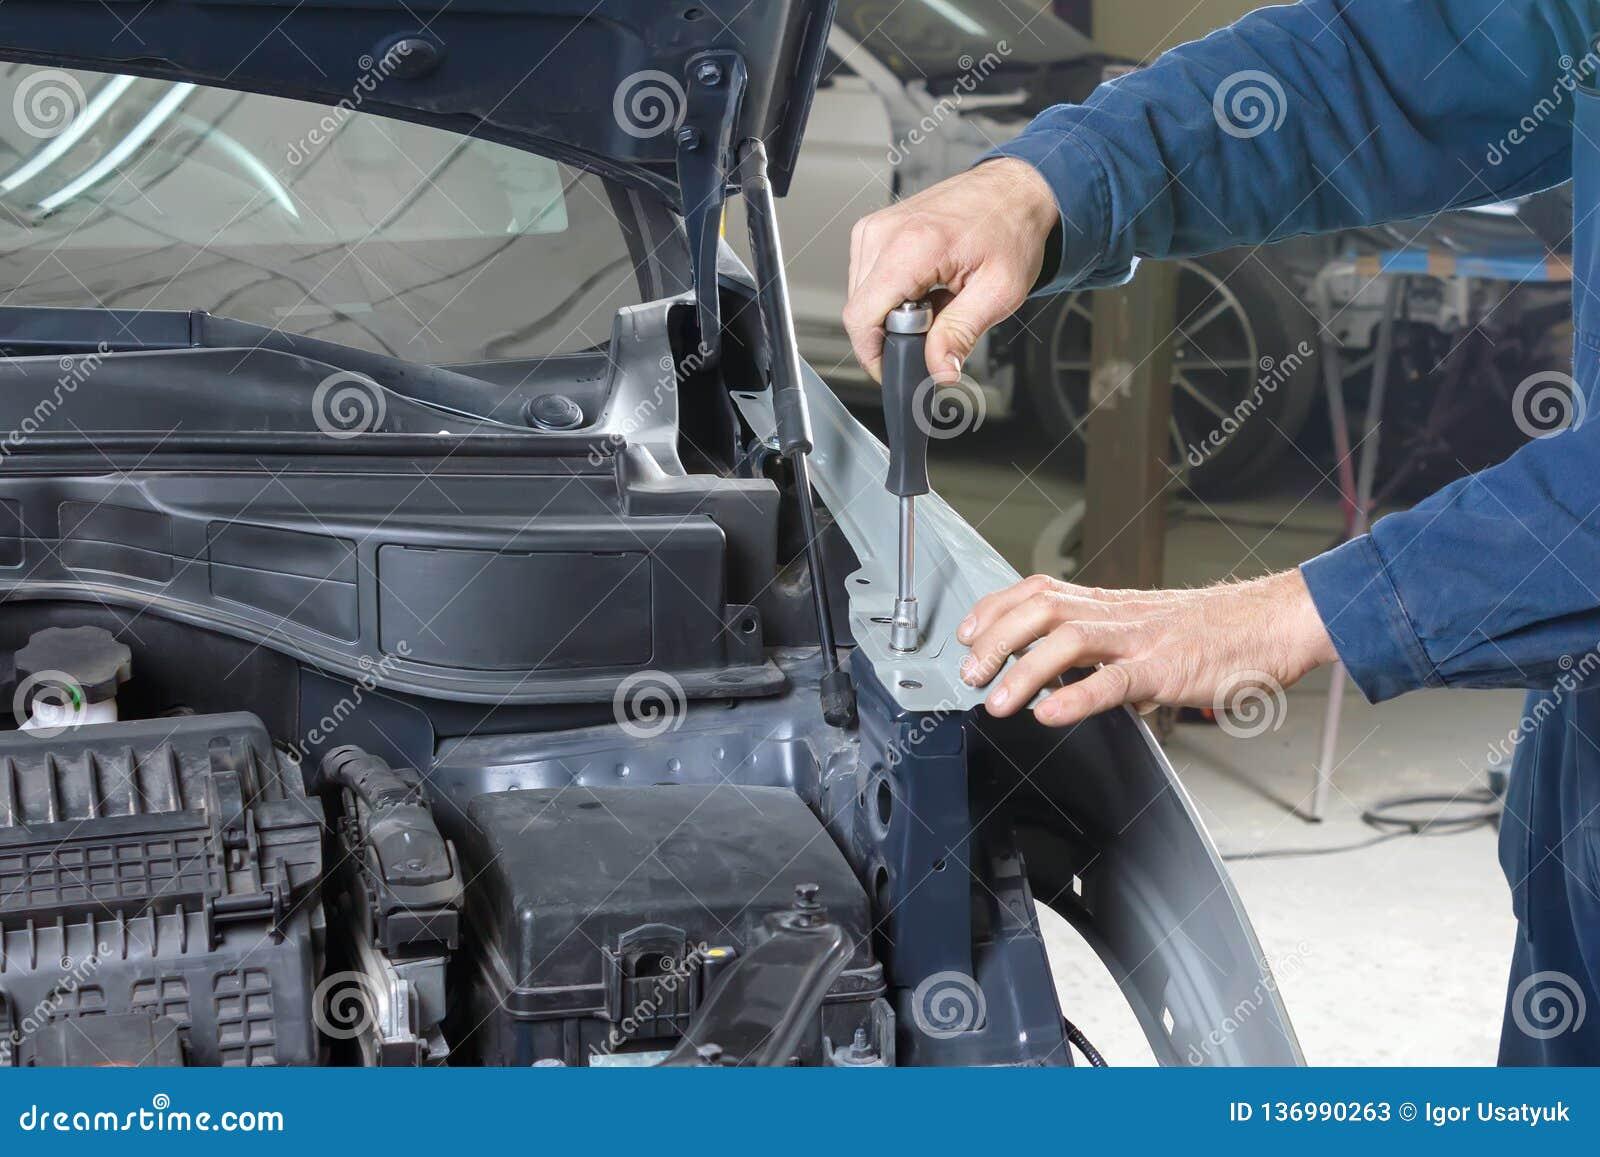 Car Repair Insurance >> Car Repair Stock Image Image Of Collision Insurance